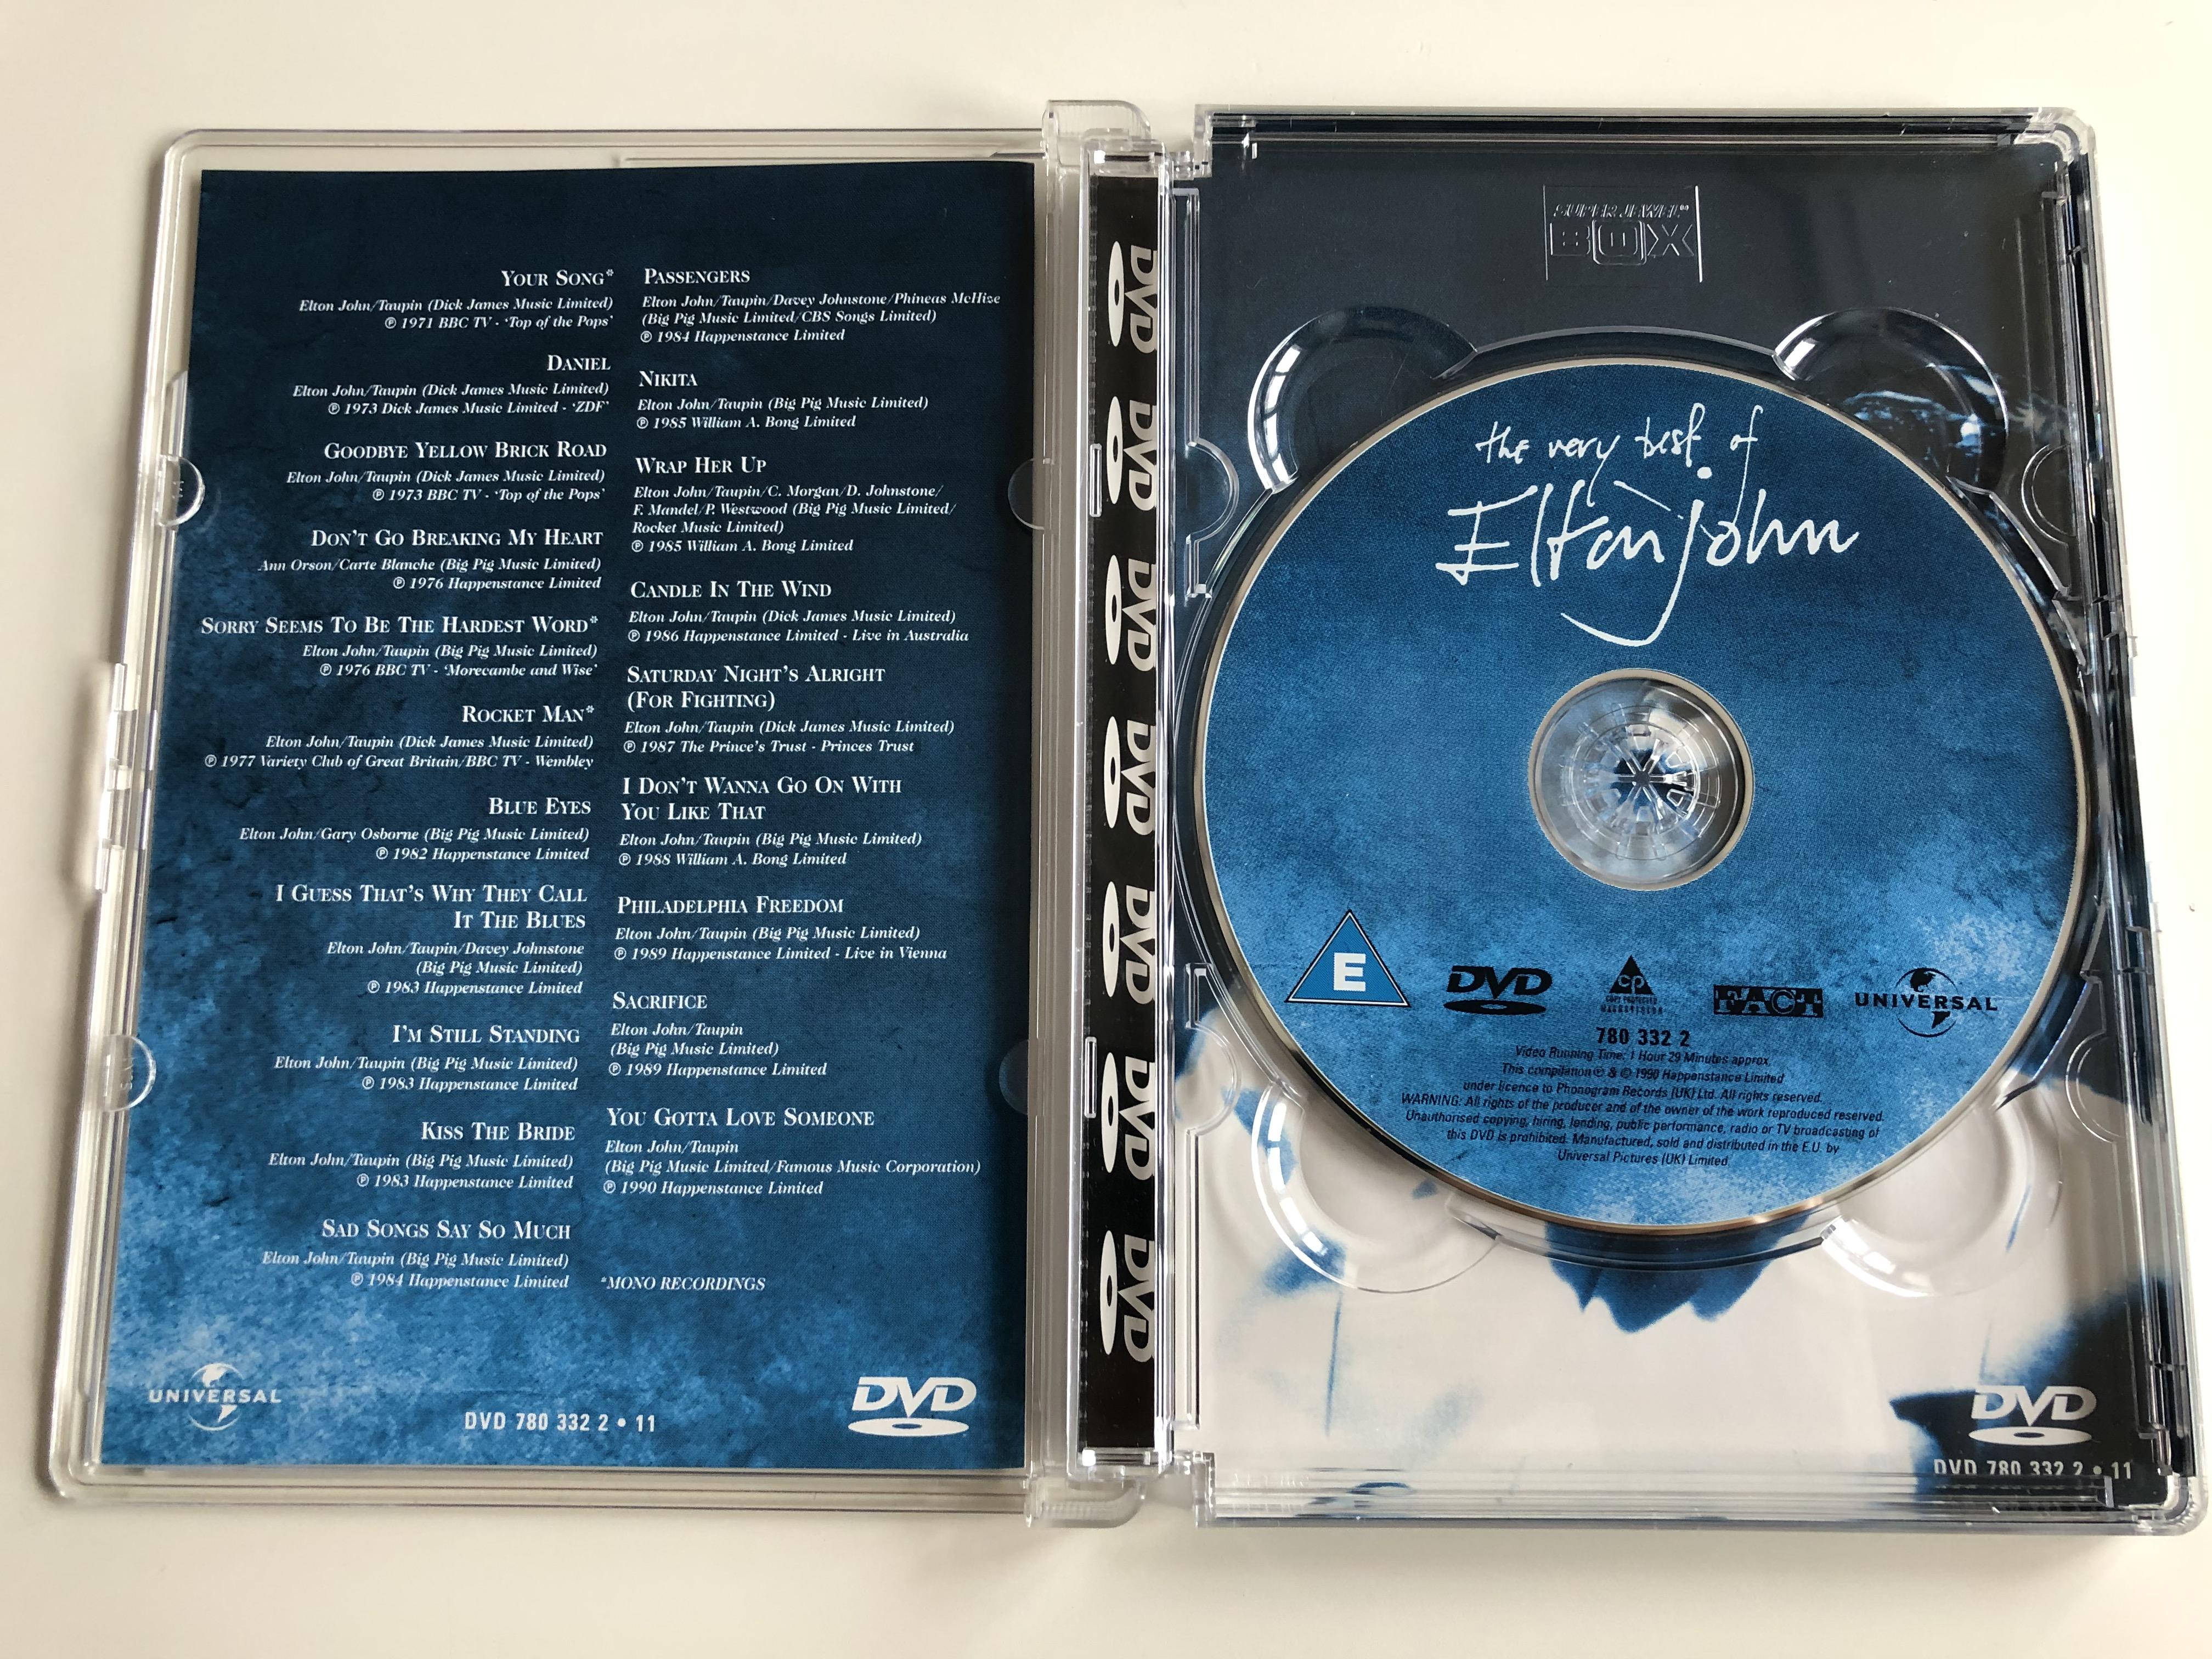 the-very-best-of-elton-john-dvd-1990-4.jpg